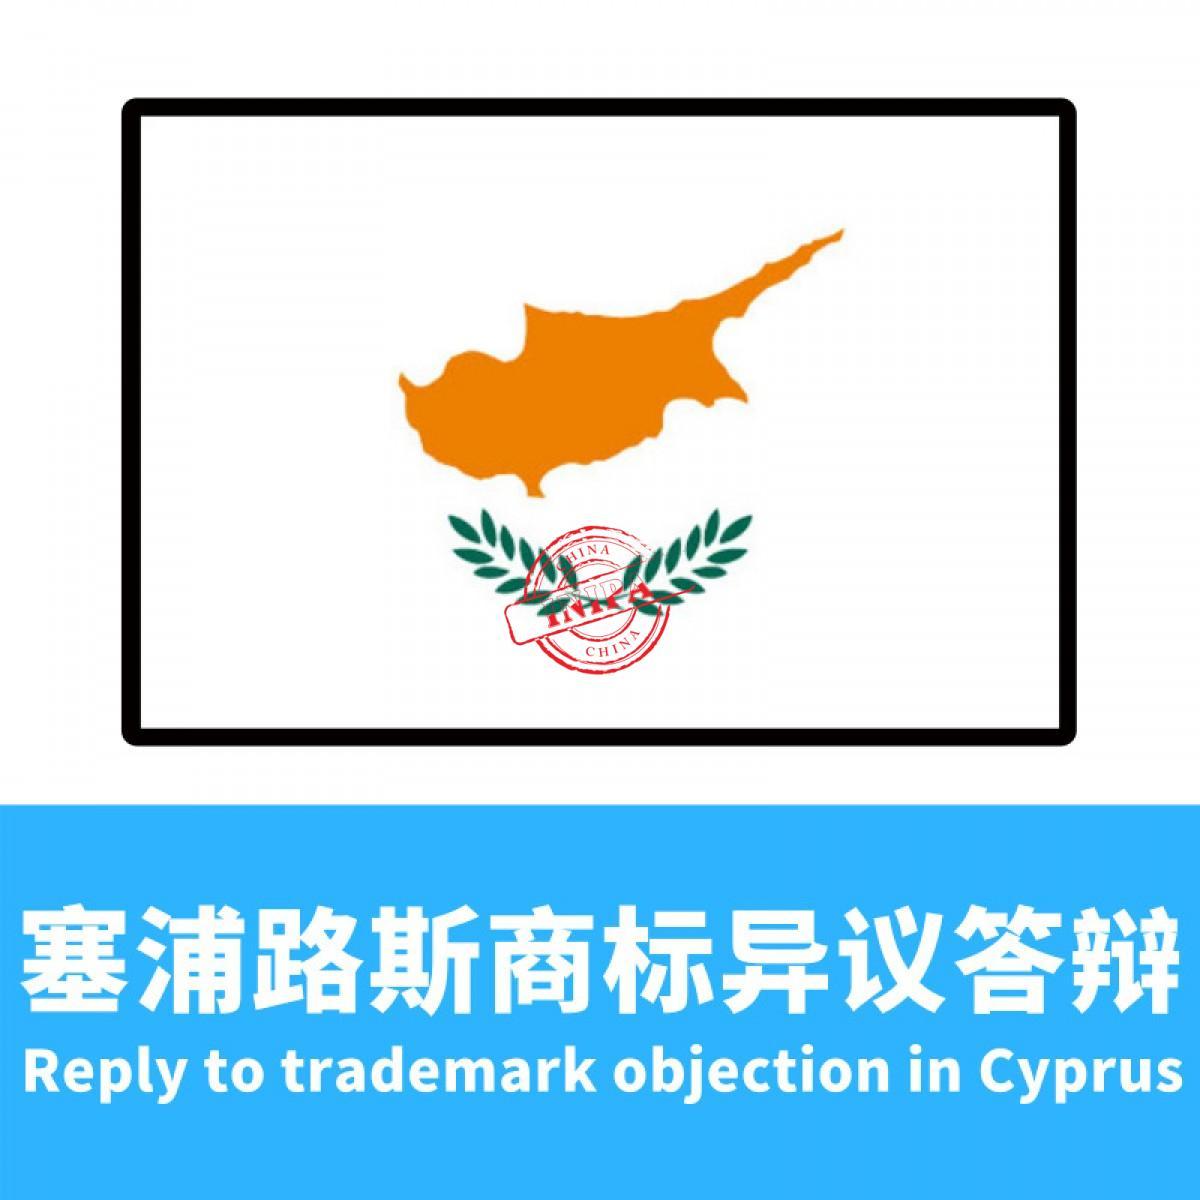 塞浦路斯商标异议答辩/Reply to trademark objection in Cyprus